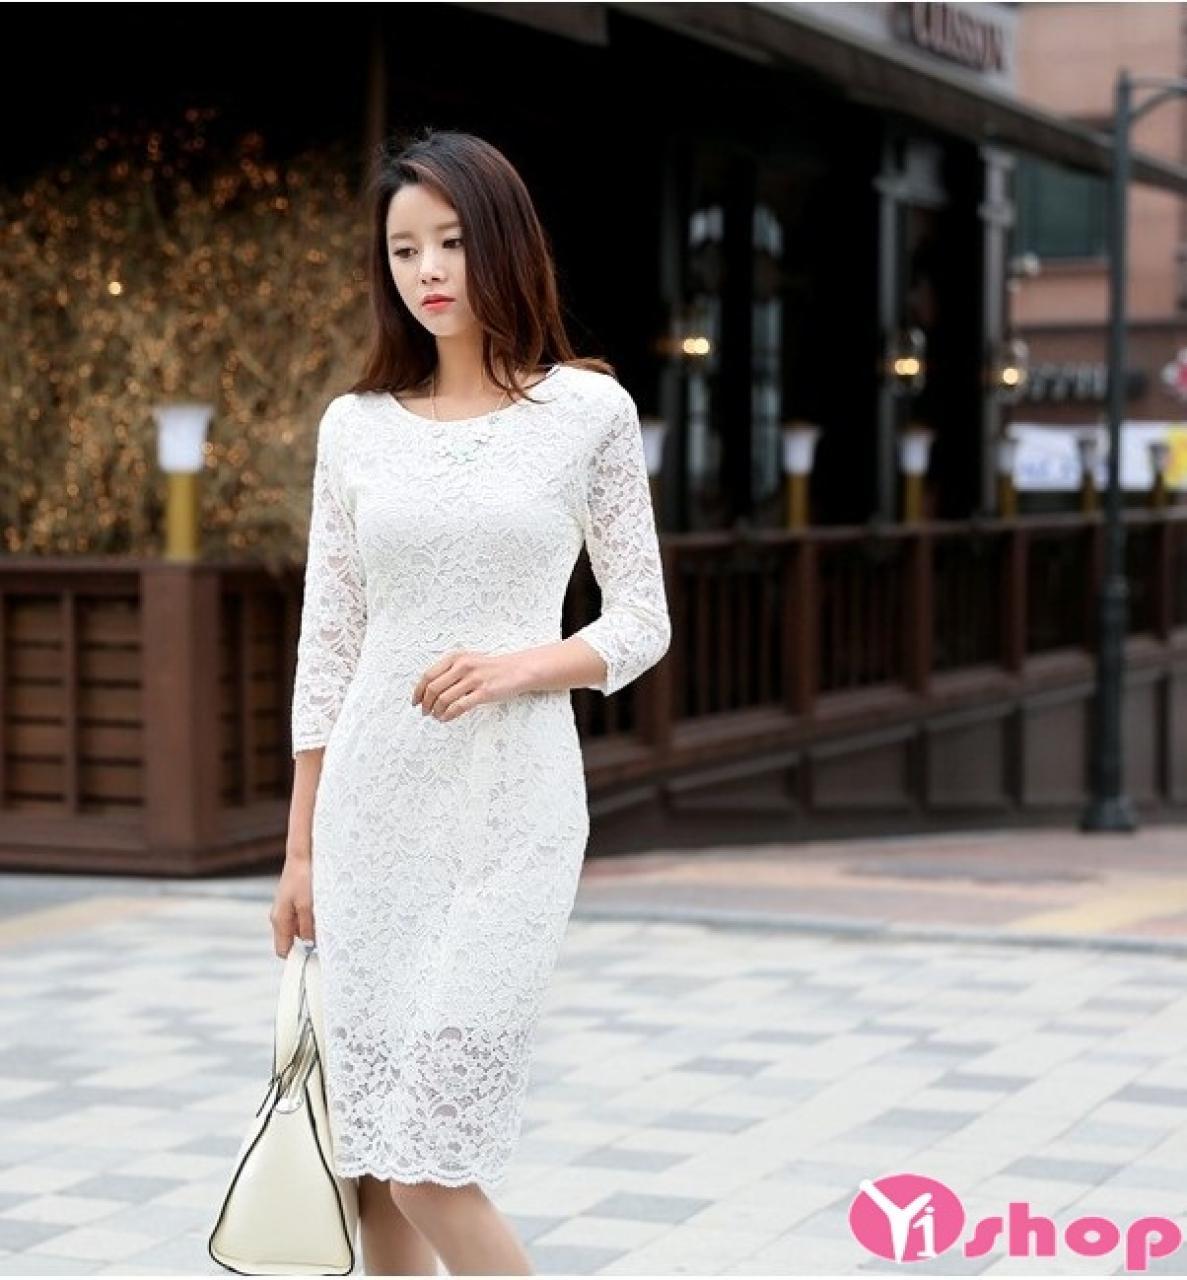 Váy đầm liền tay lỡ đẹp hè 2021 - 2022 trẻ trung tới công sở